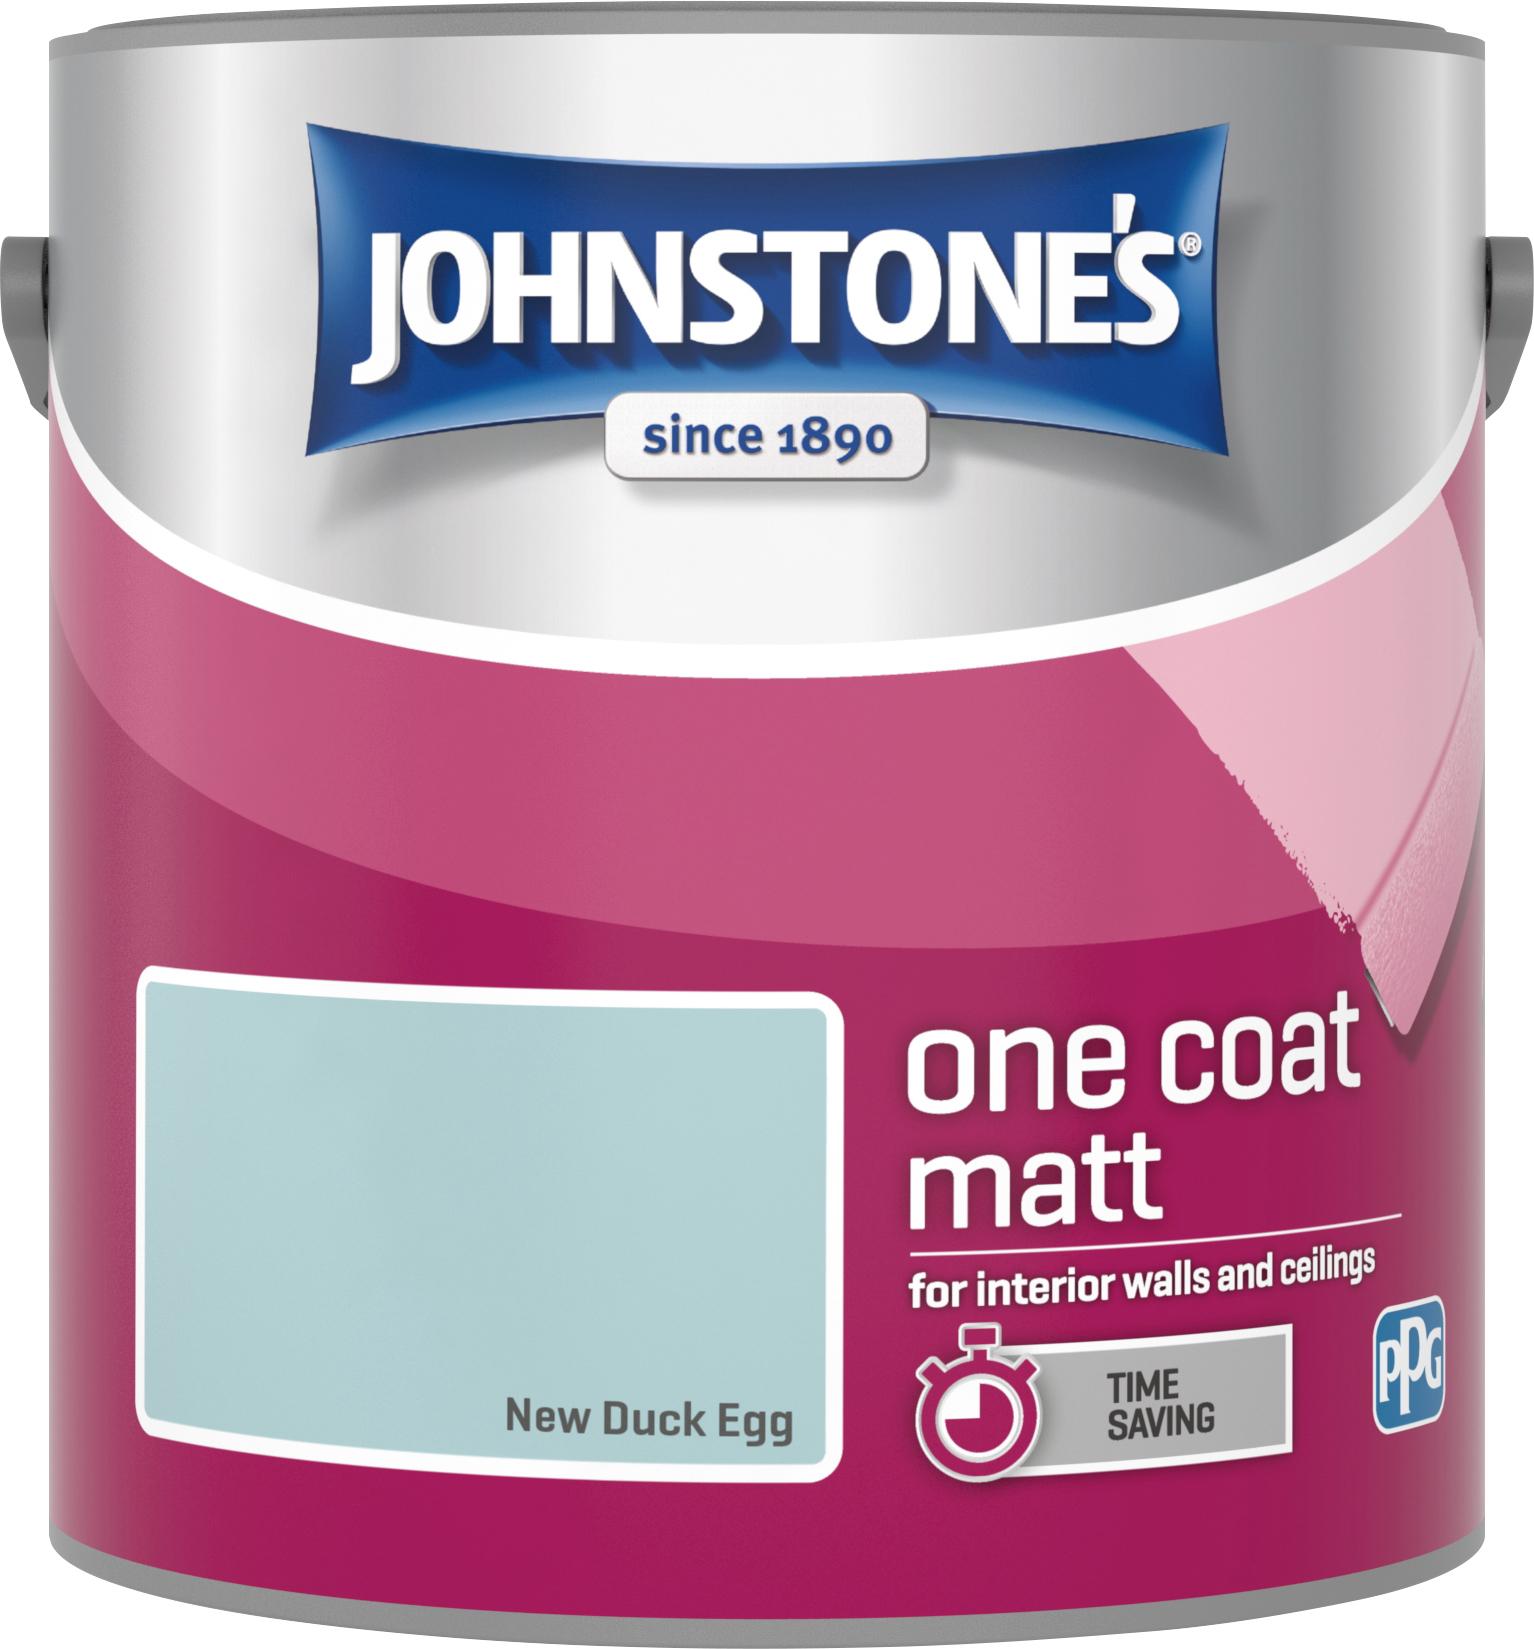 Johnstone's 308450 2.5 Litre One Coat Matt Emulsion Paint - New Duck Egg